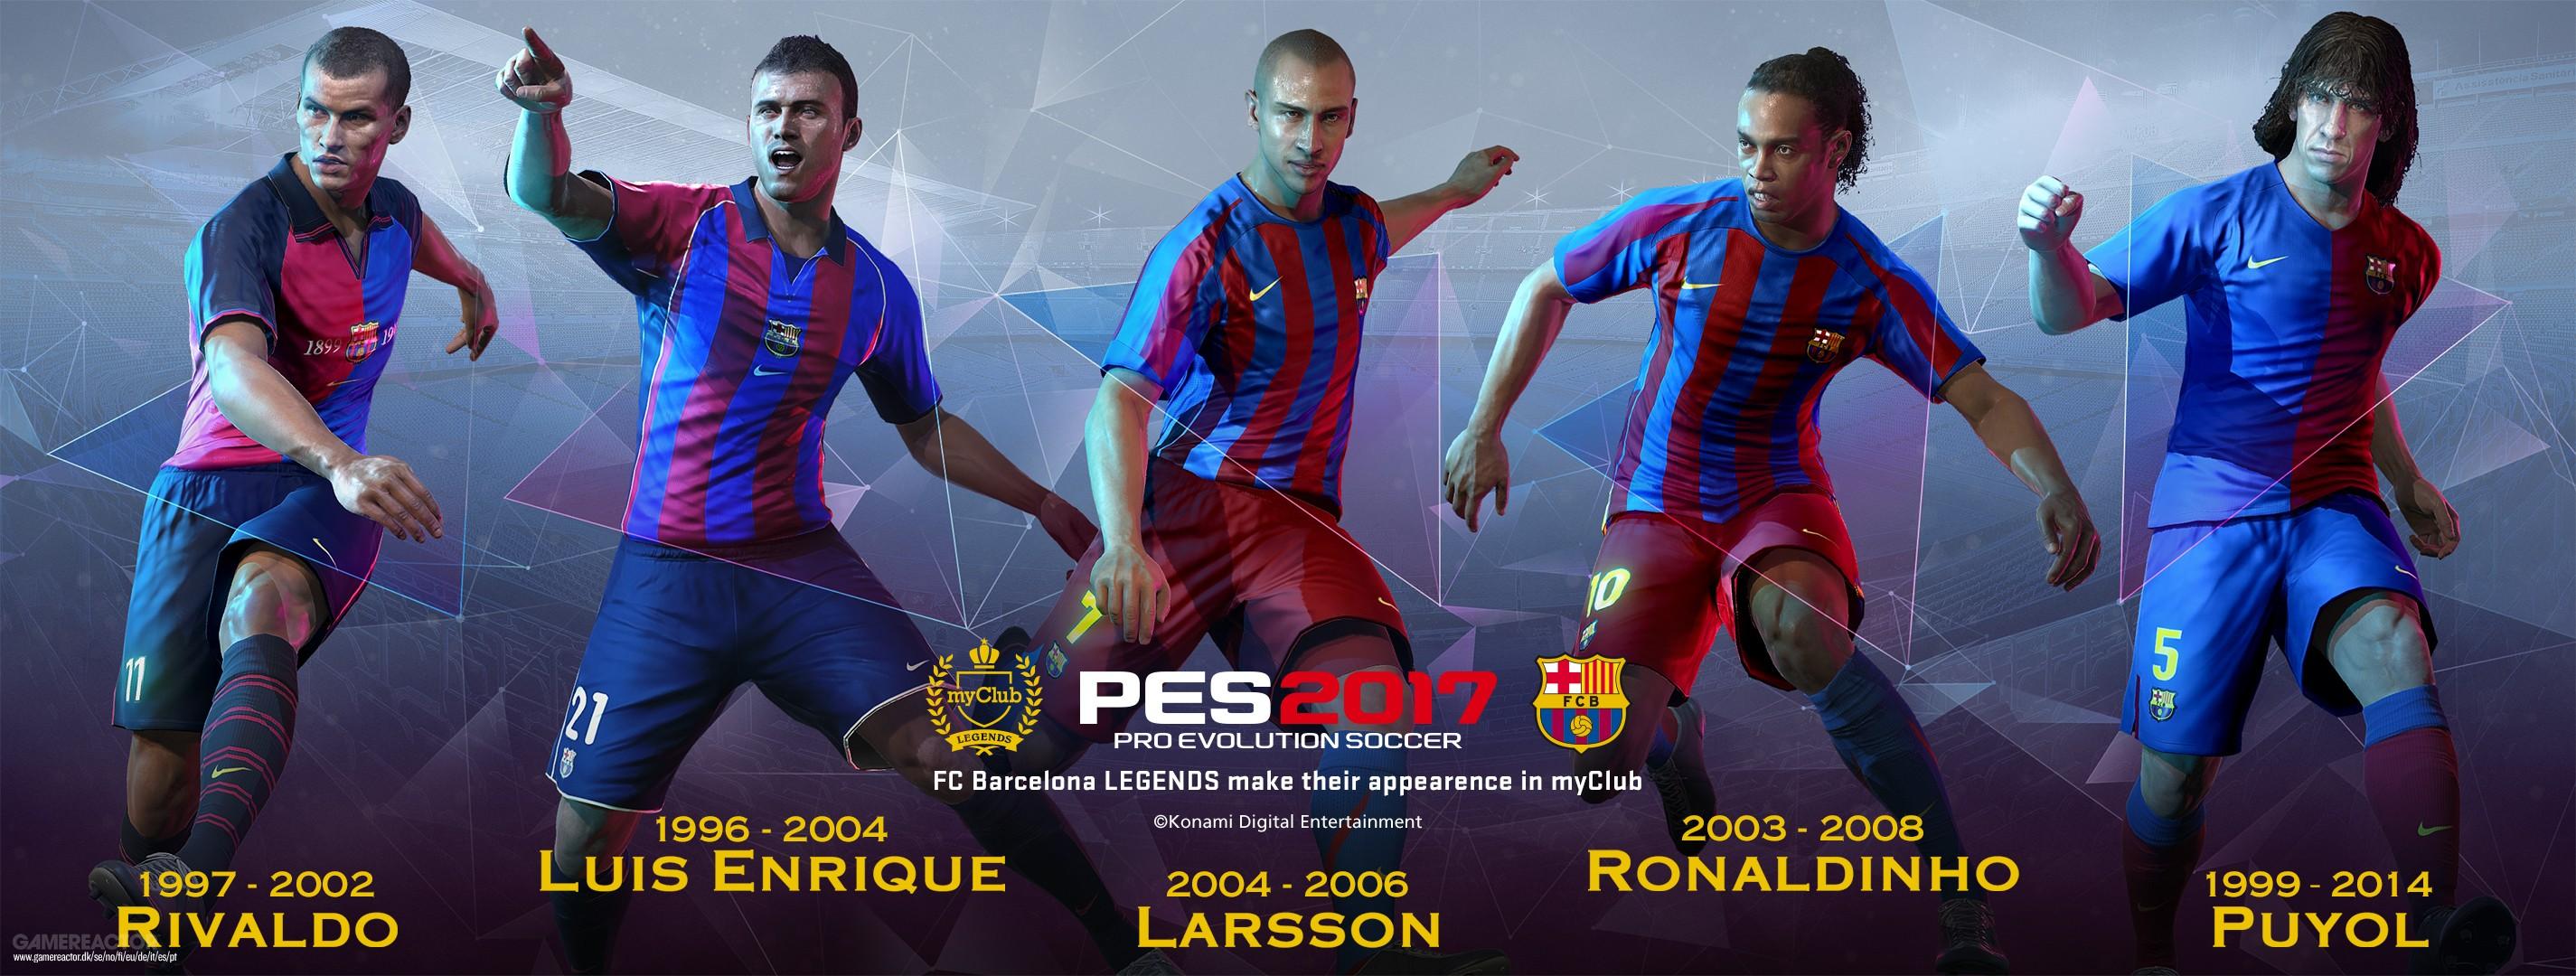 Imagens de Lendas do Barcelona em novo trailer de PES 2017 1/3